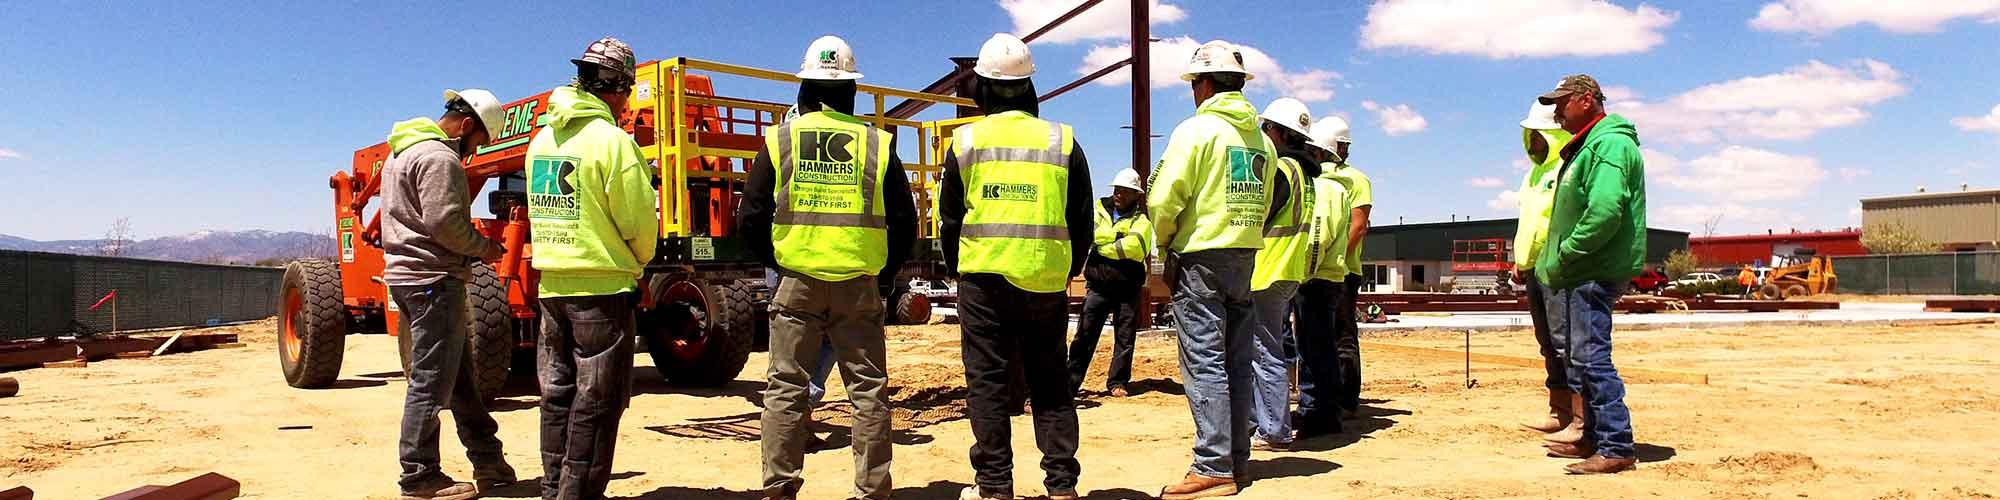 Construction careers in Colorado Springs & Denver, CO